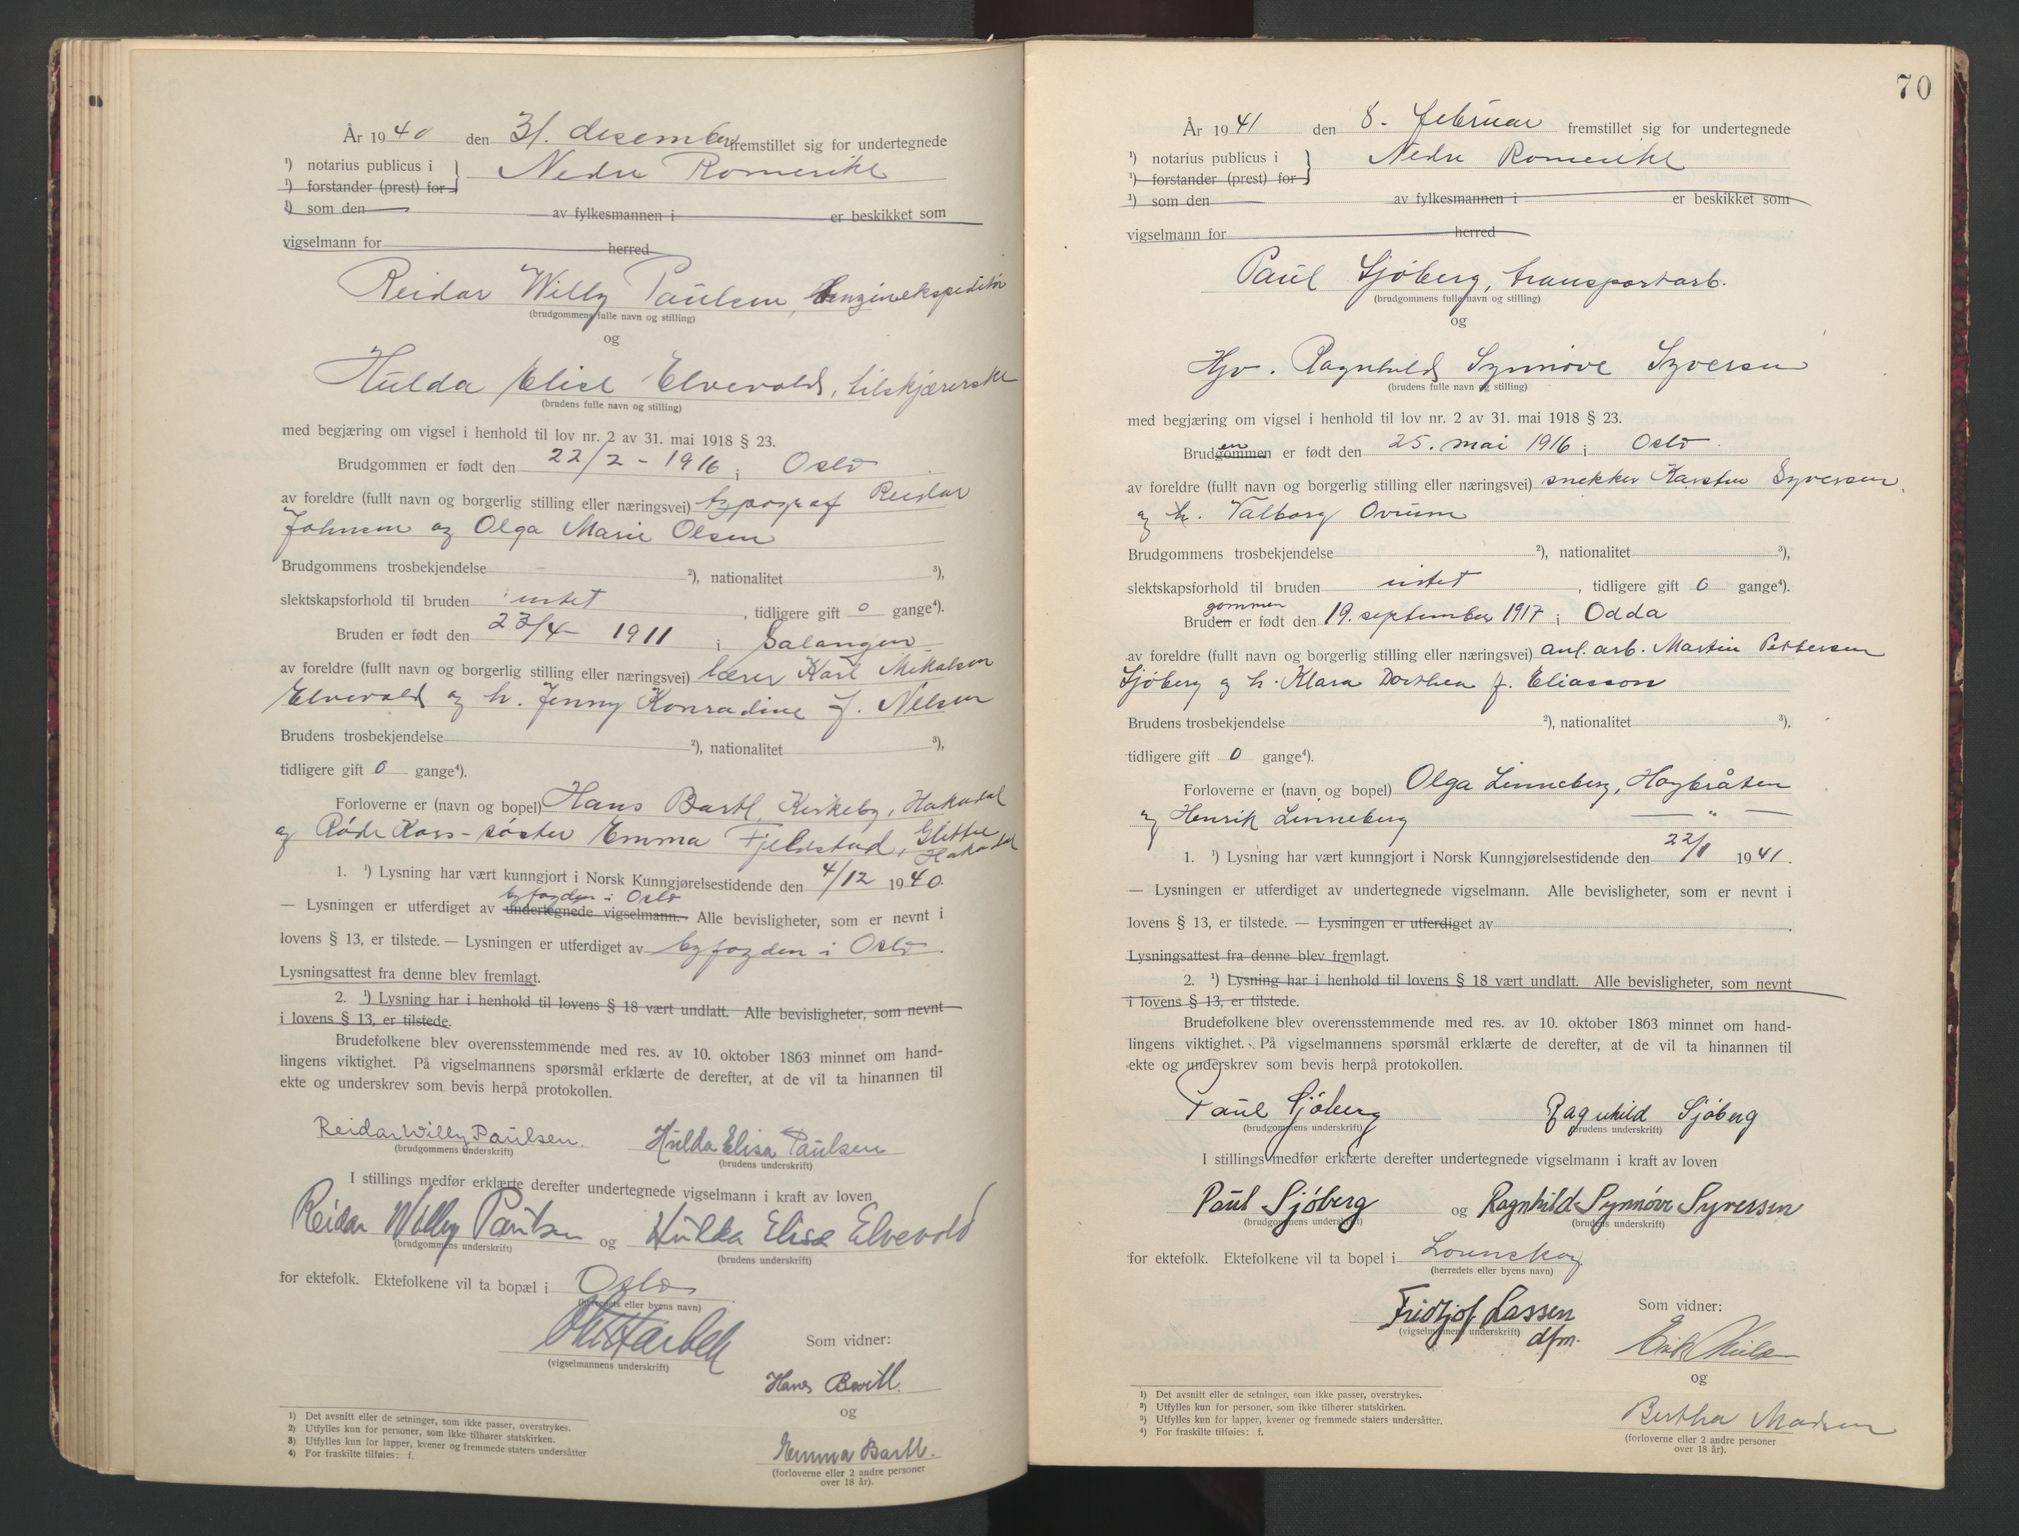 SAO, Nedre Romerike sorenskriveri, L/Lb/L0002: Vigselsbok - borgerlige vielser, 1935-1942, s. 70